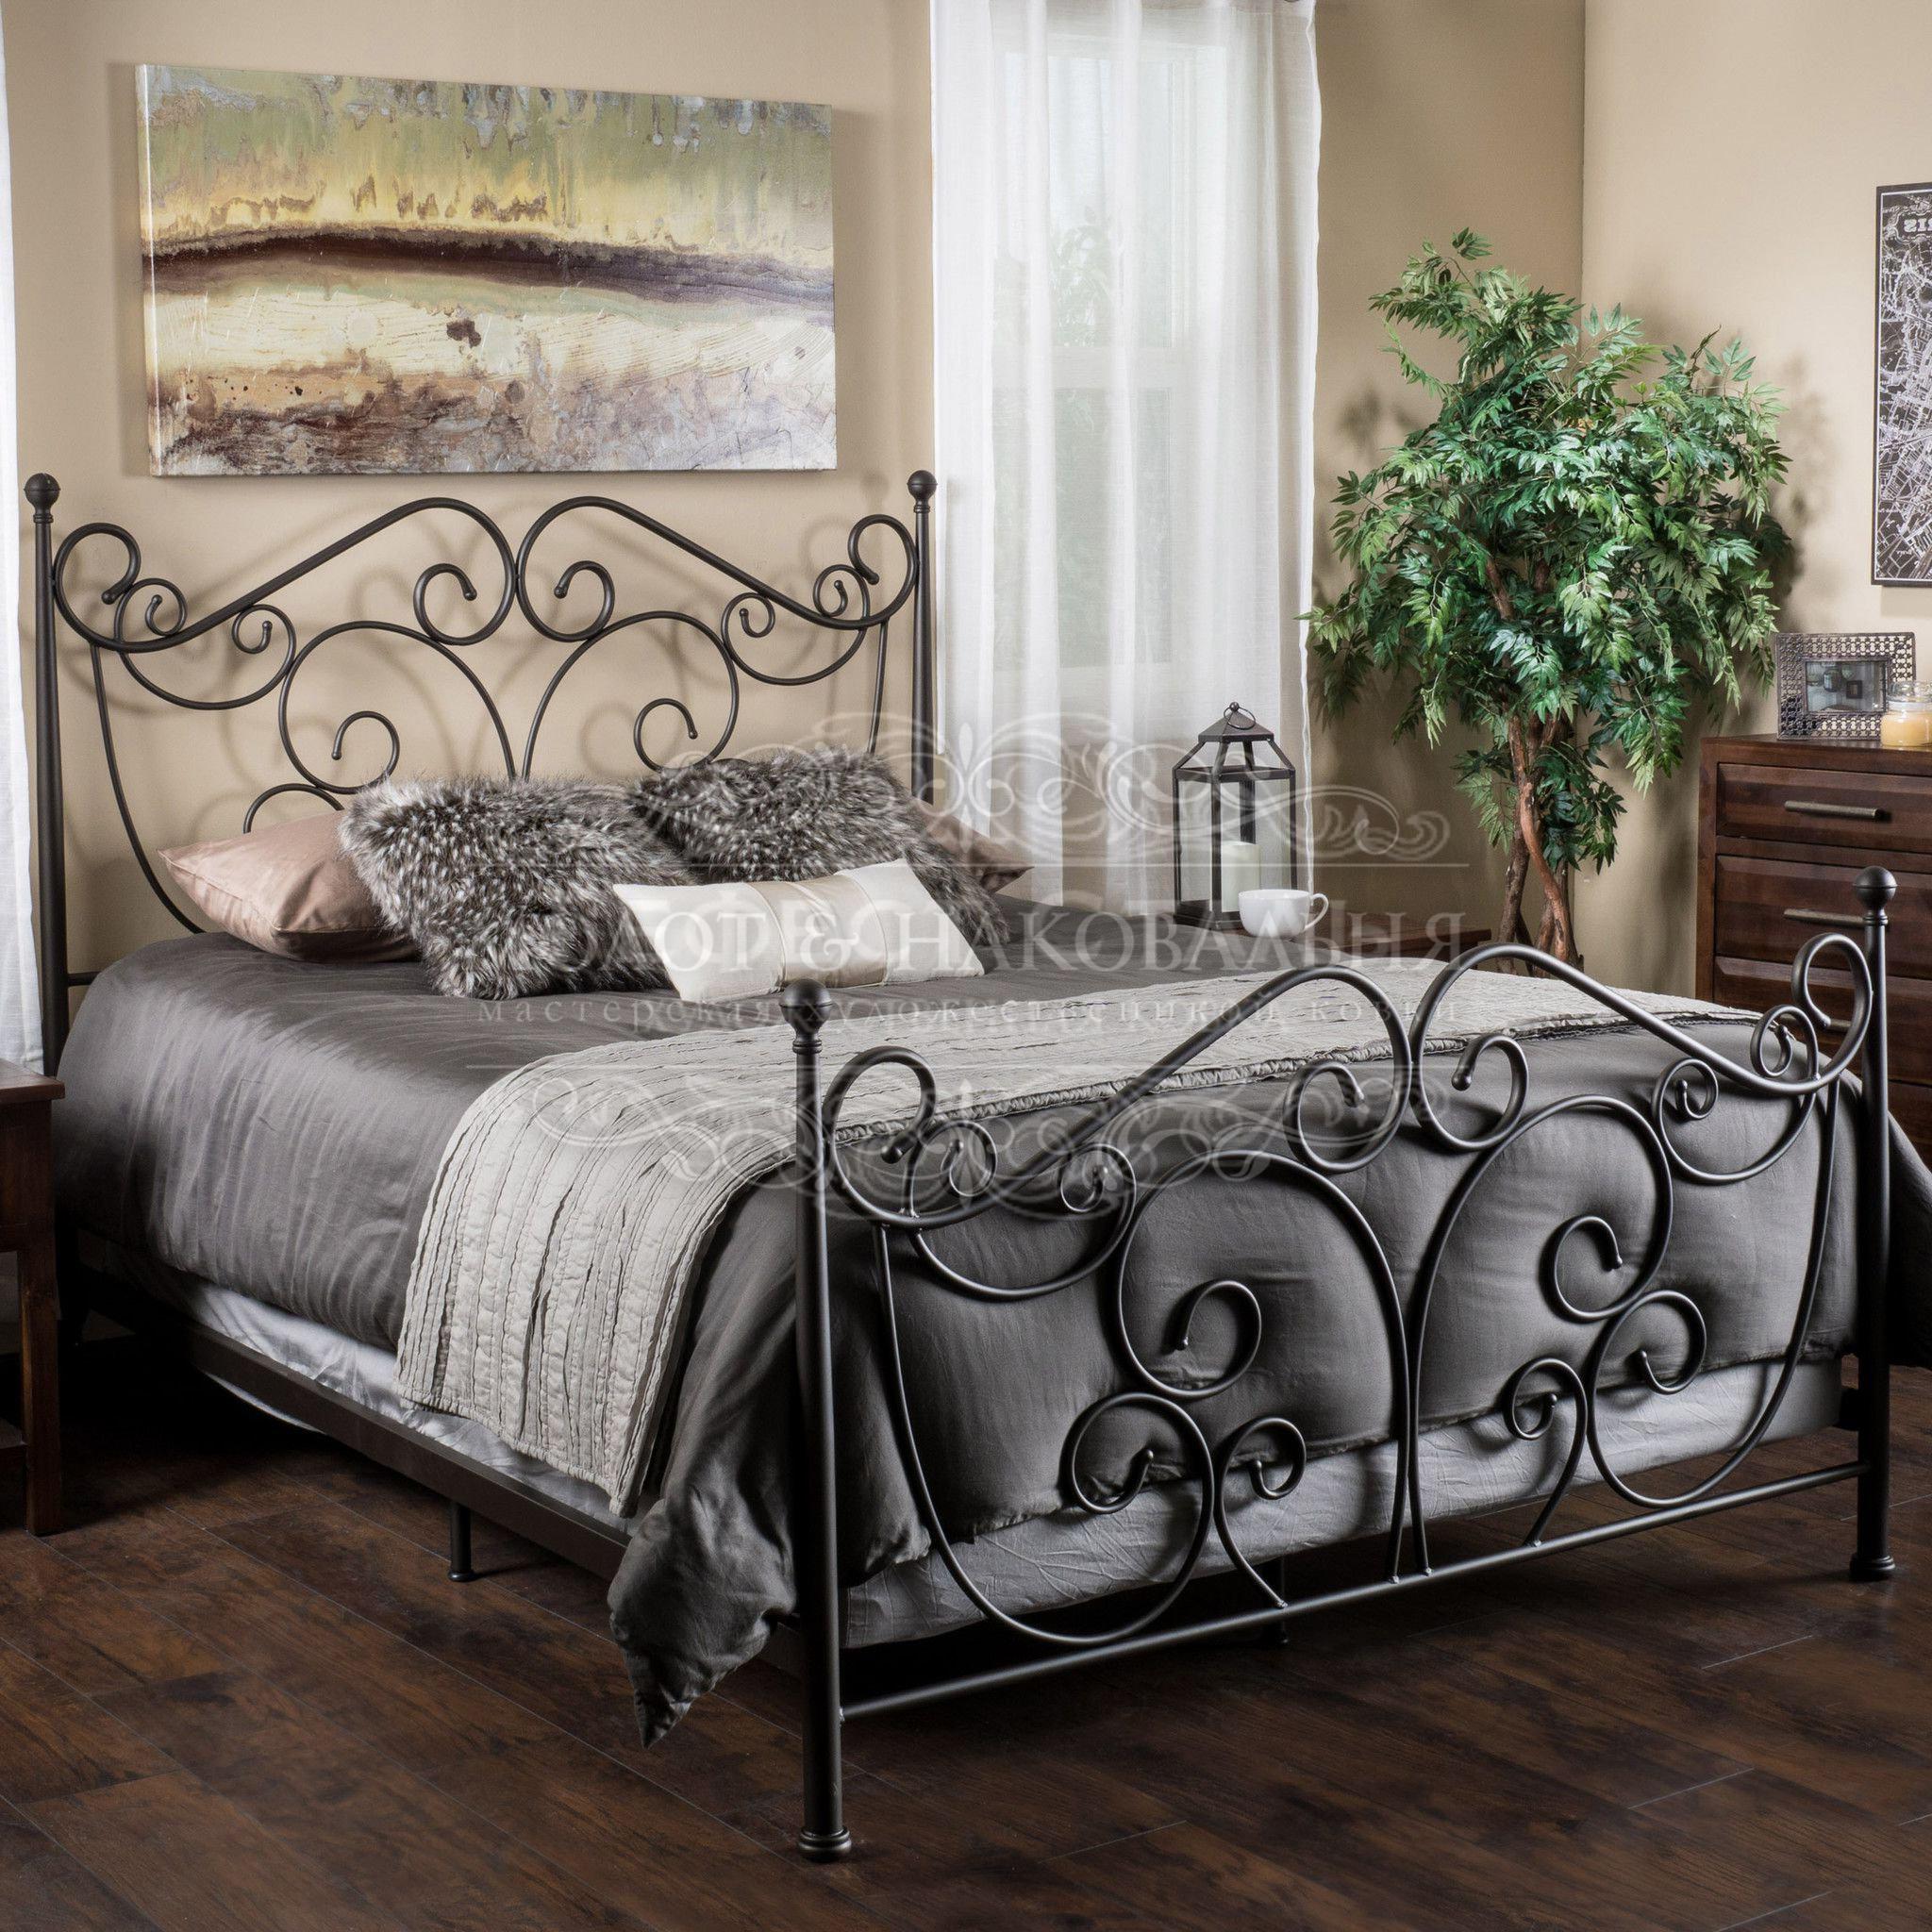 Кованая кровать К-008 полуторка